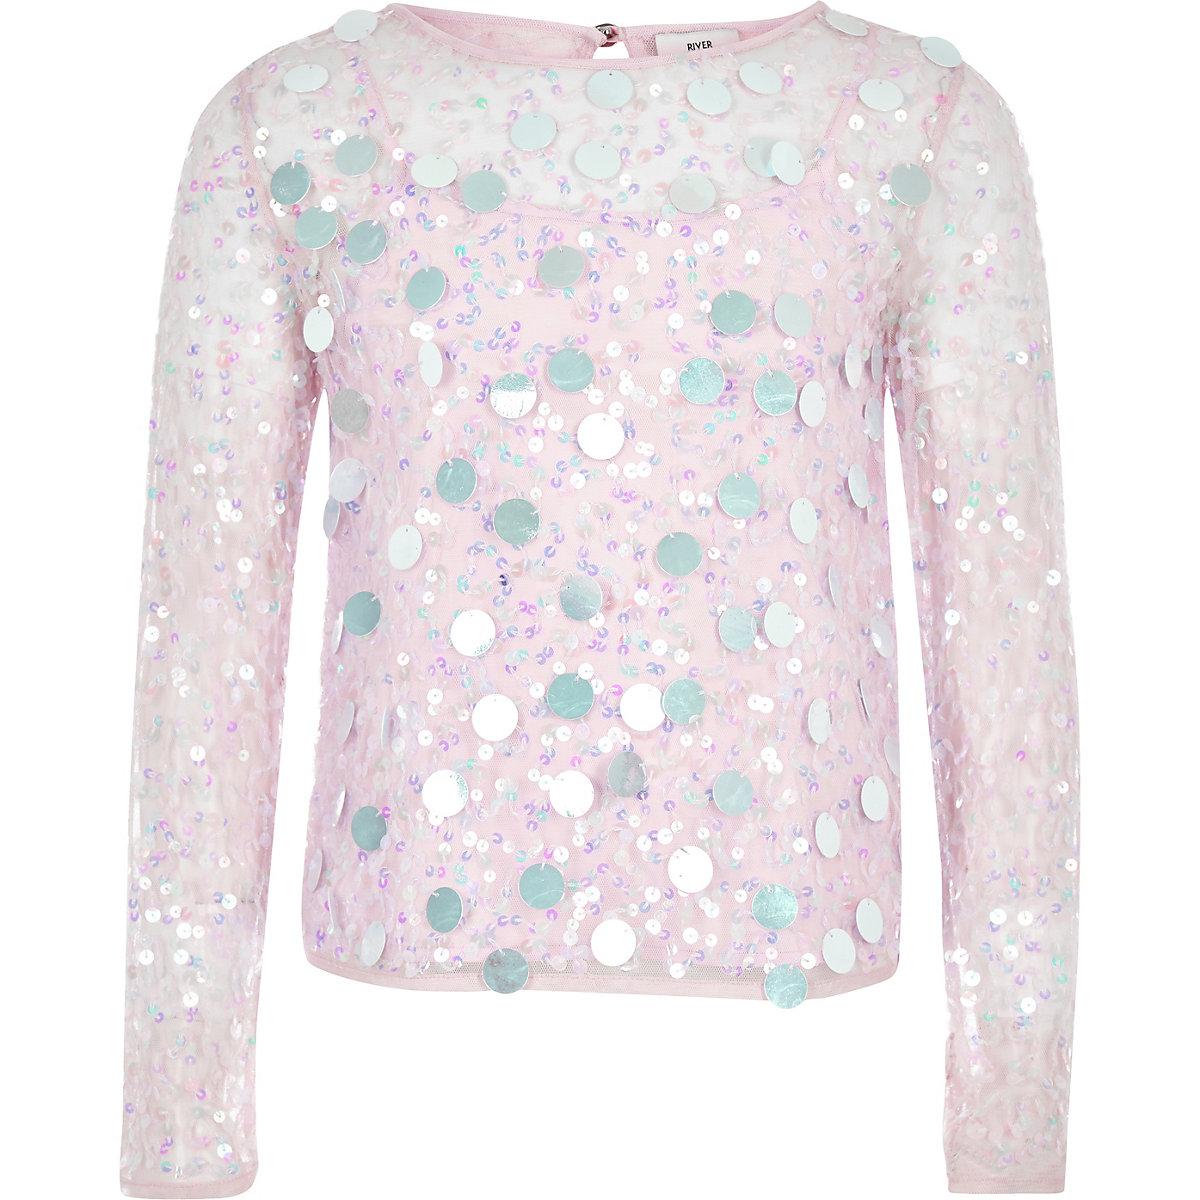 Girls purple sequin long sleeve top